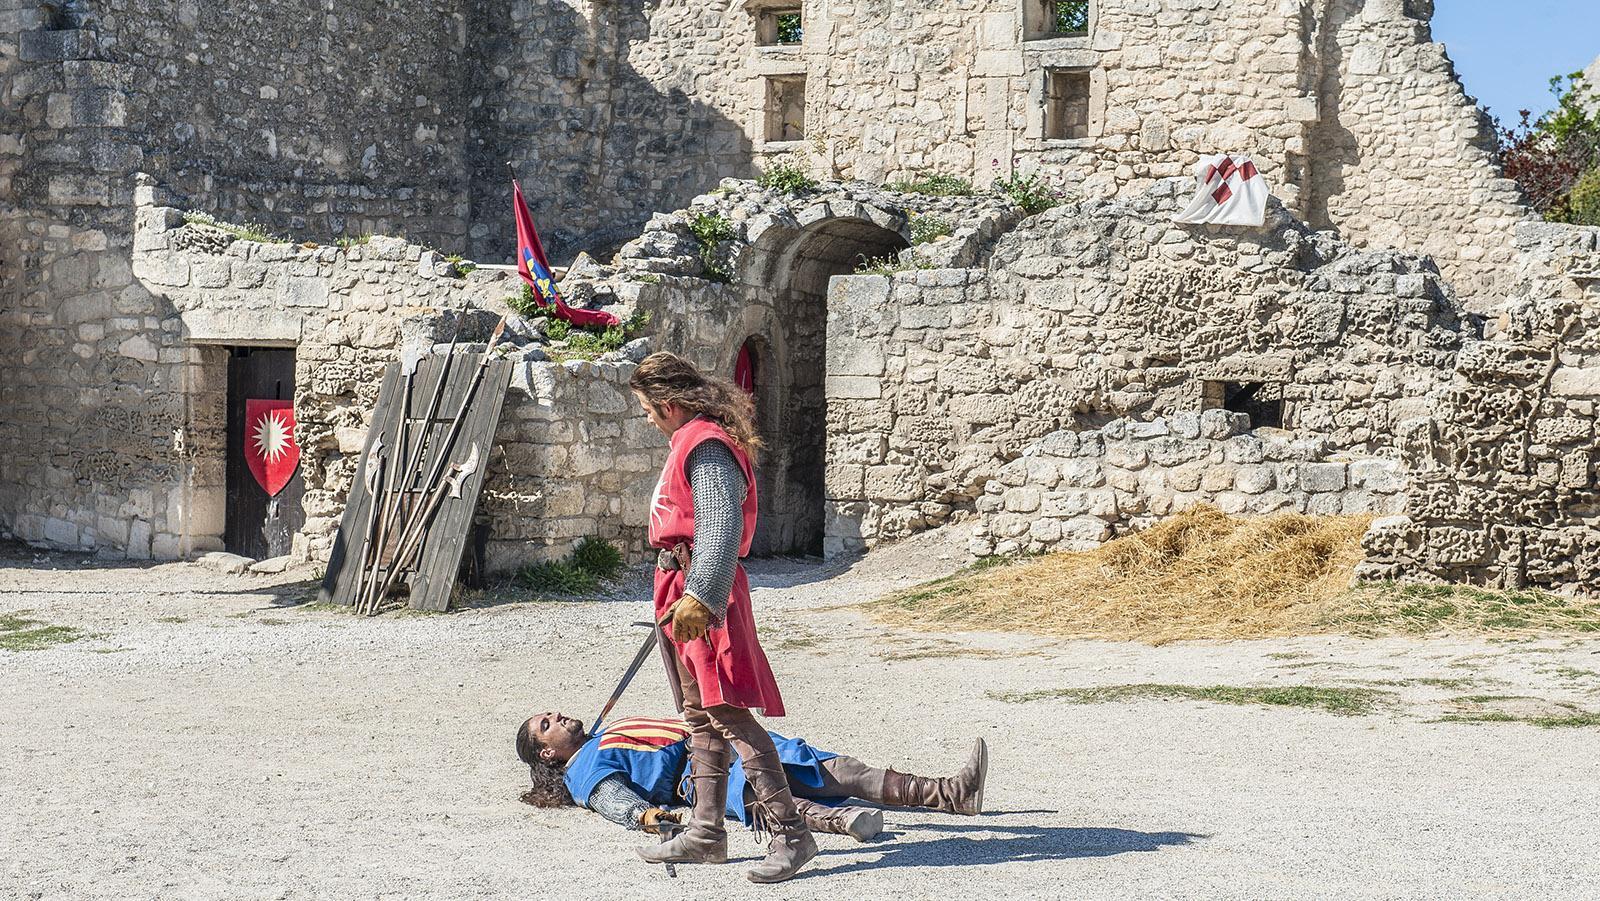 Les Baux-de-Provence: Im Sommer lassen Ritterspiele das Mittelalter aufleben. Foto: Hilke Maunder